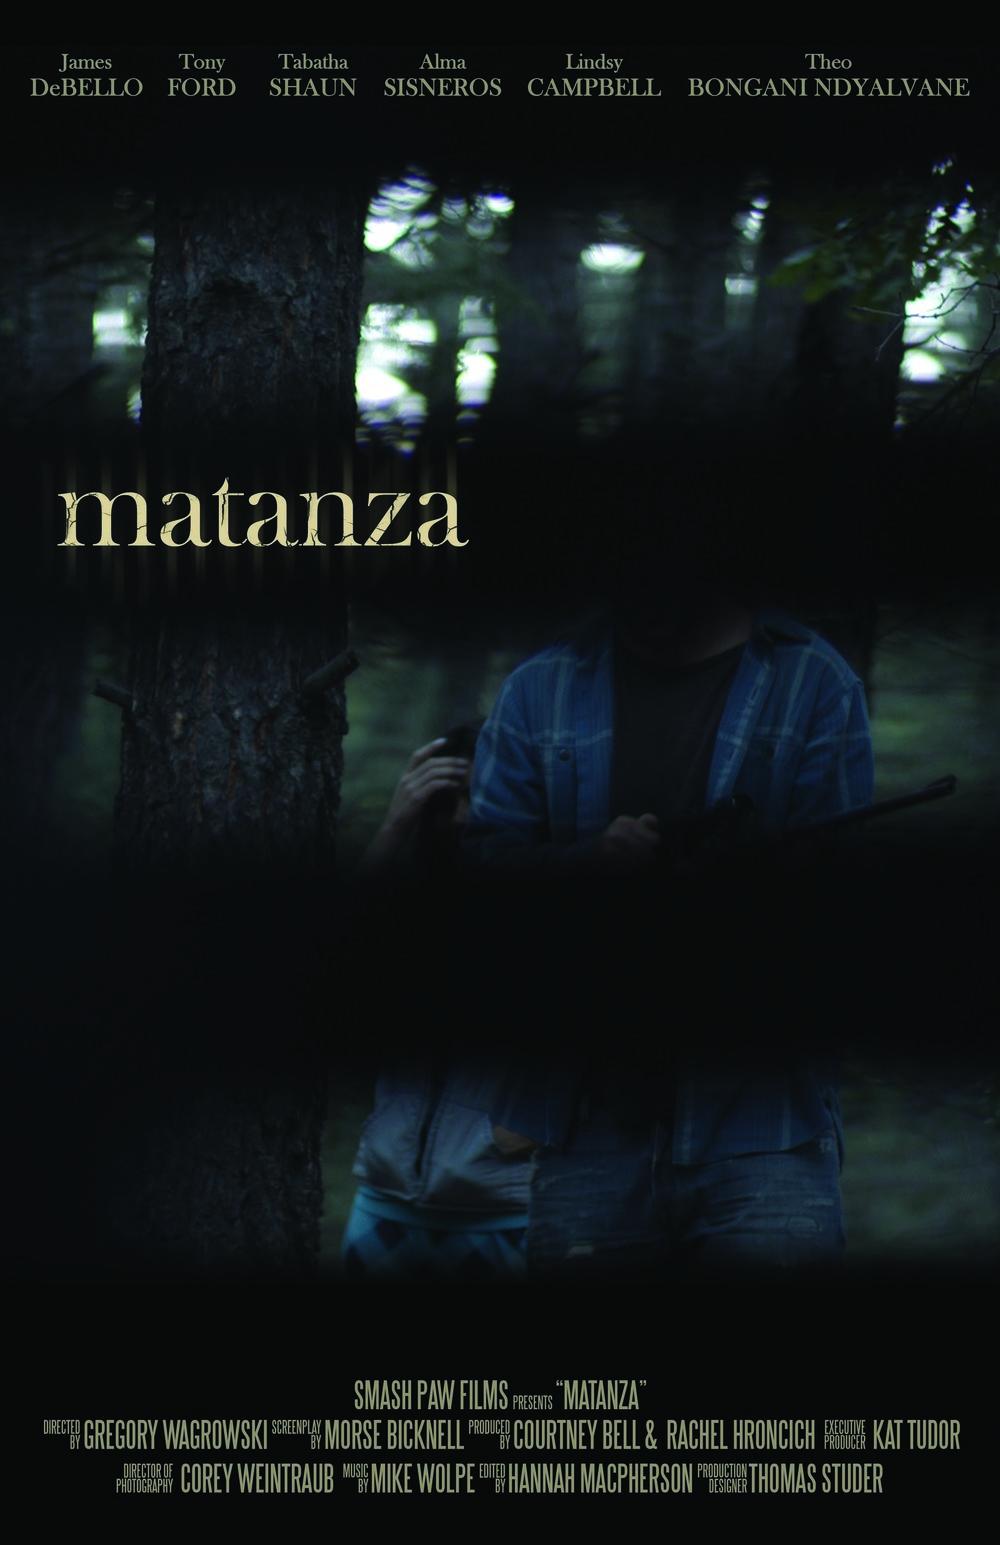 matanza_11x17.jpg